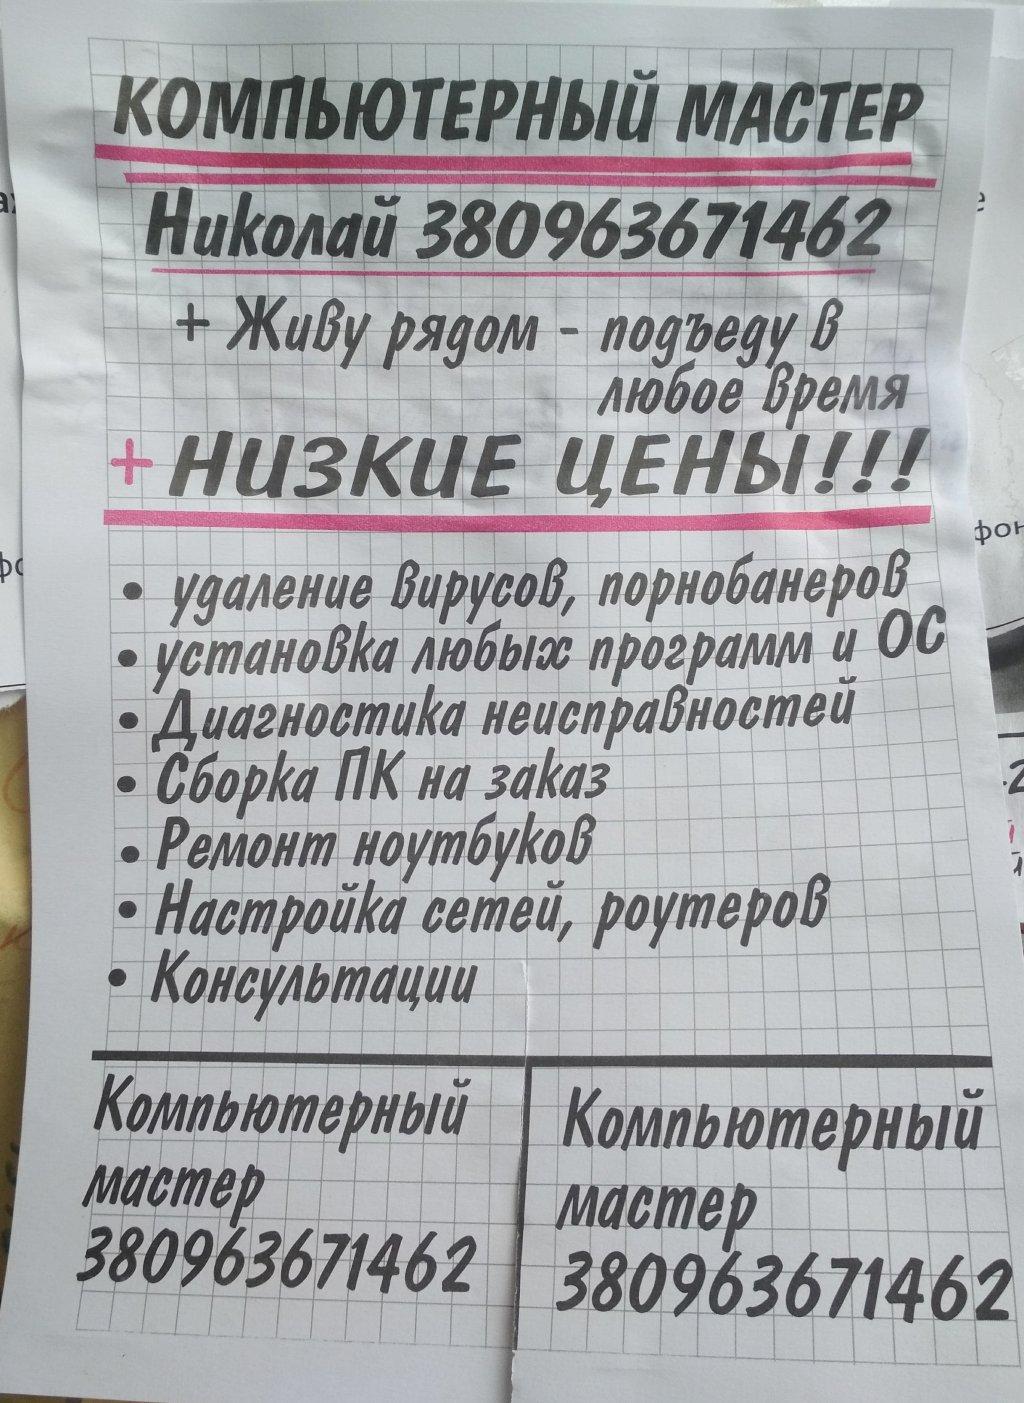 ІТ-Експерт Сервіс (41661123) - 0963671462 Теперь он Николай!